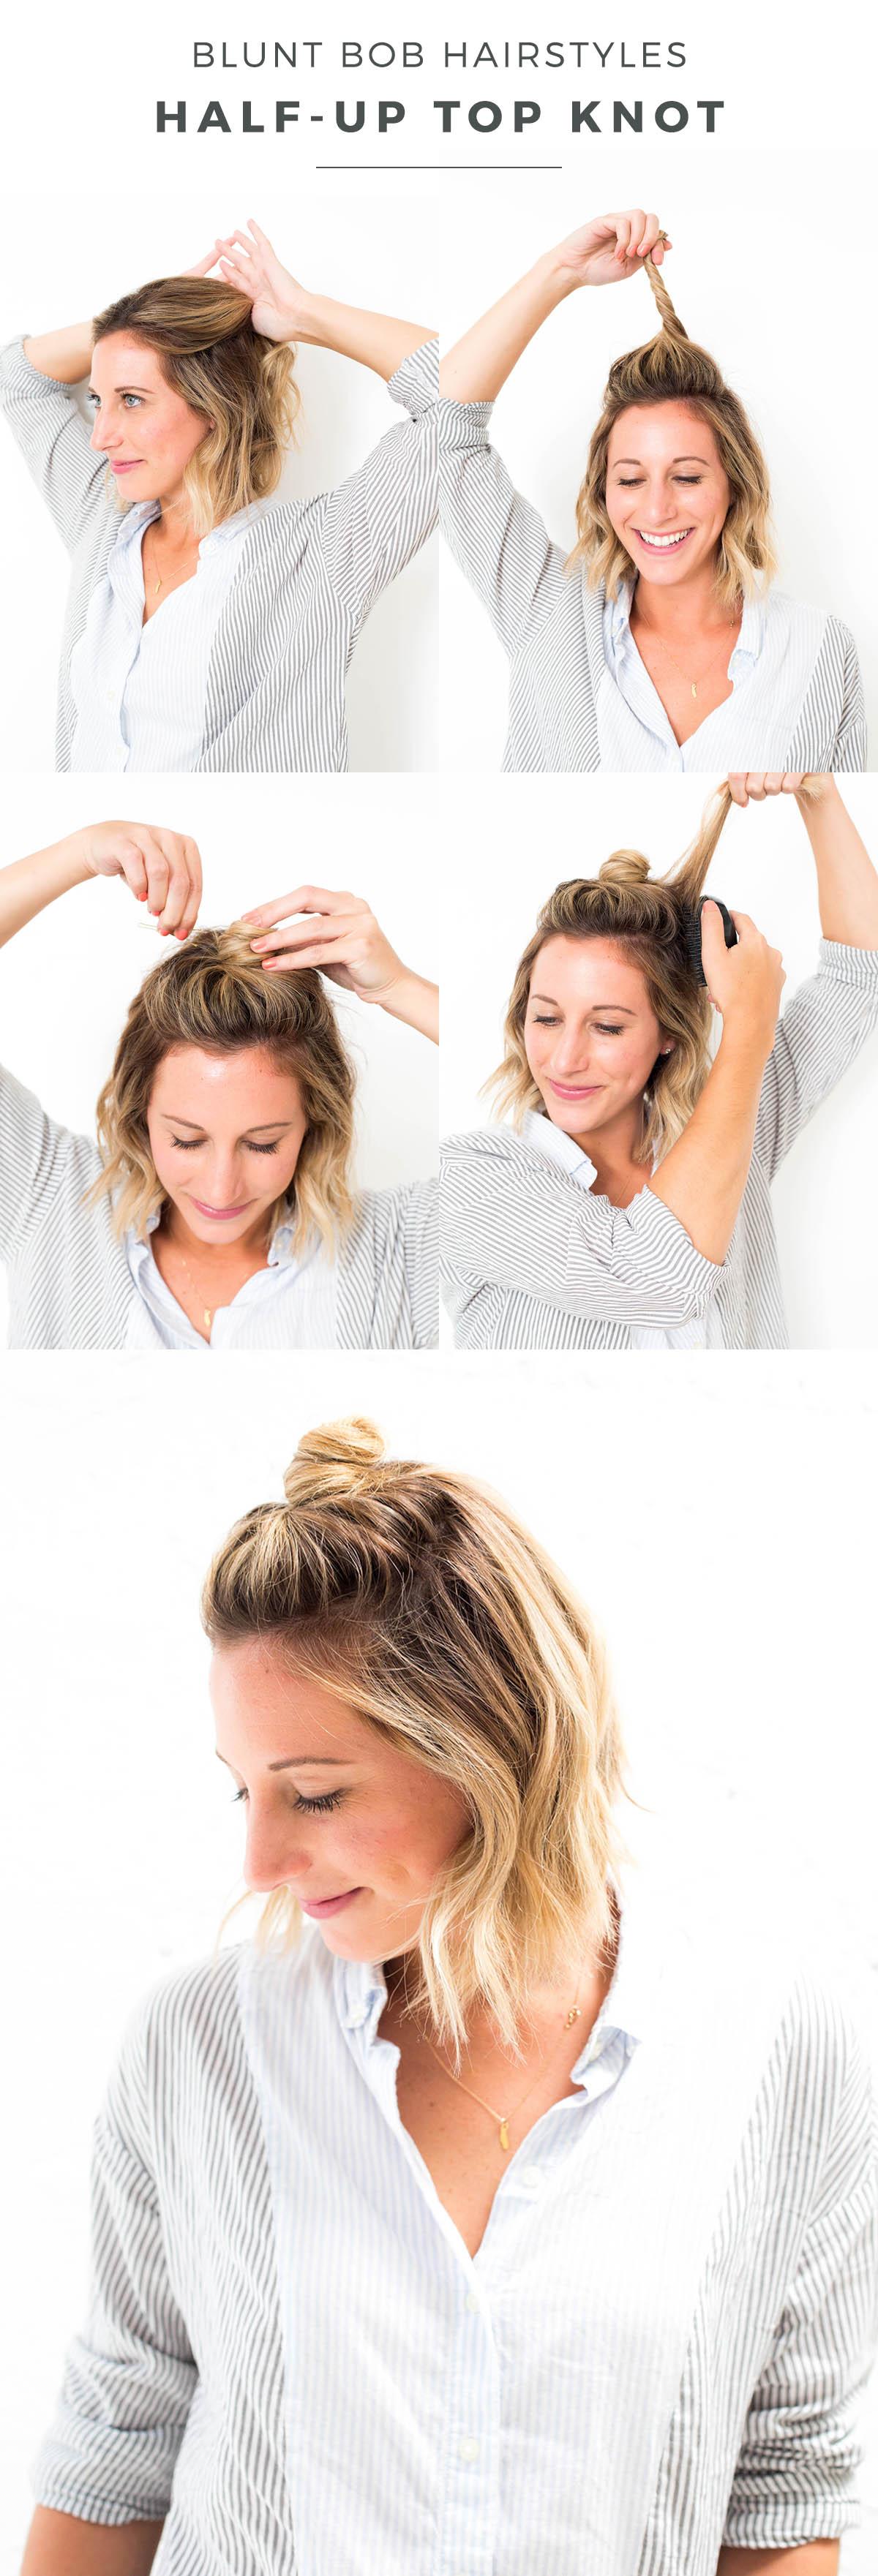 idée tuto coiffure demi chignon à réaliser sur un carré plongeant court ondulé, idée comment coiffer ses cheveux le matin